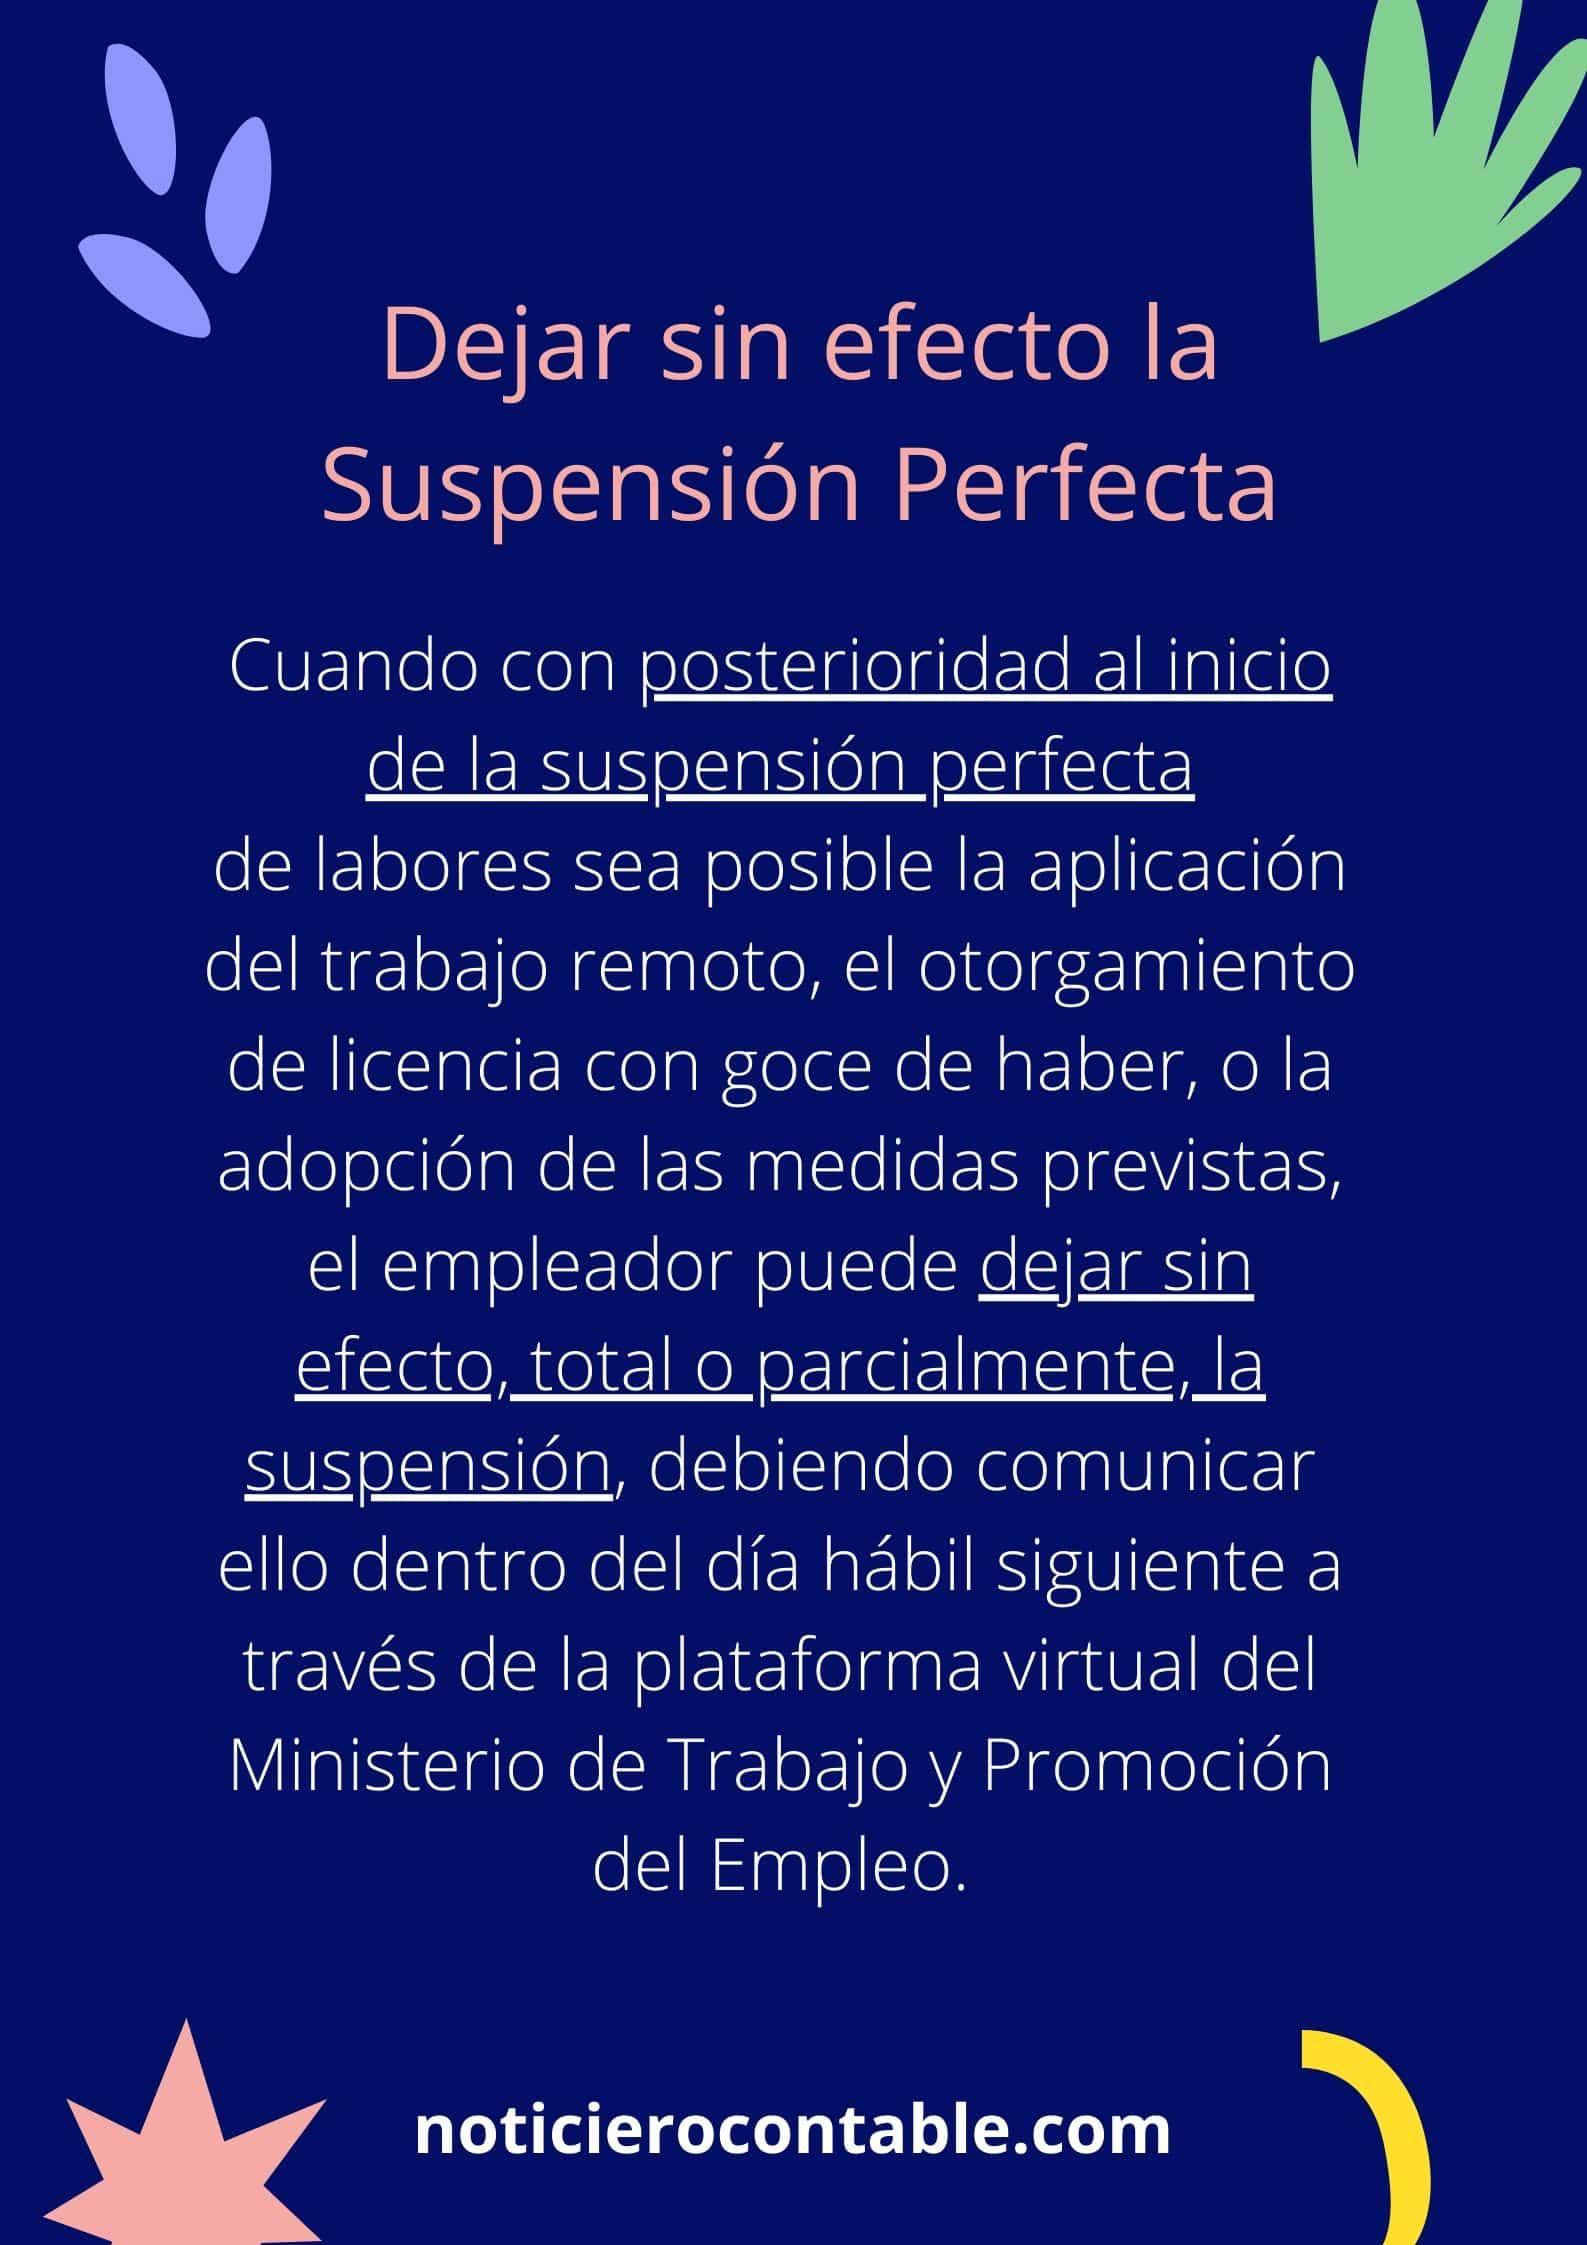 Dejar sin efecto la Suspension Perfecta